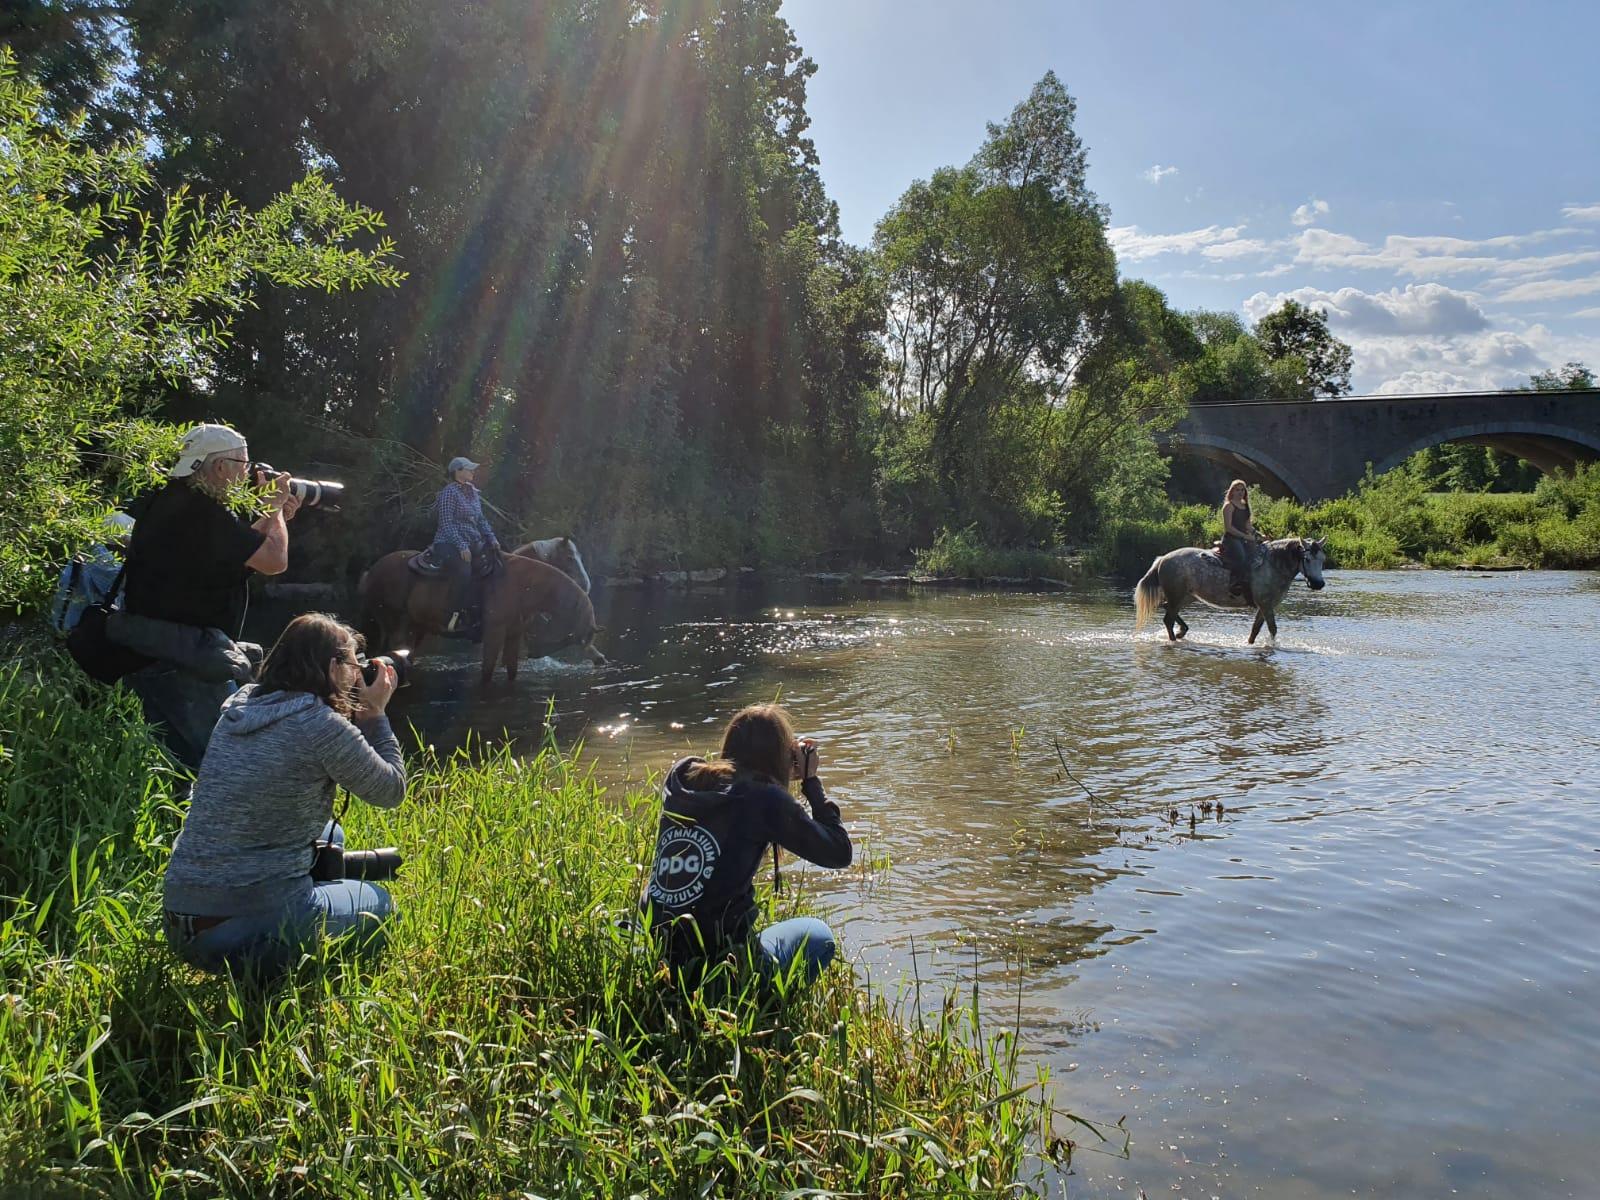 Pferde-Shooting als Fotoclub-Workshop auf dem Pferdehof in Neuenstadt-Kochertürn